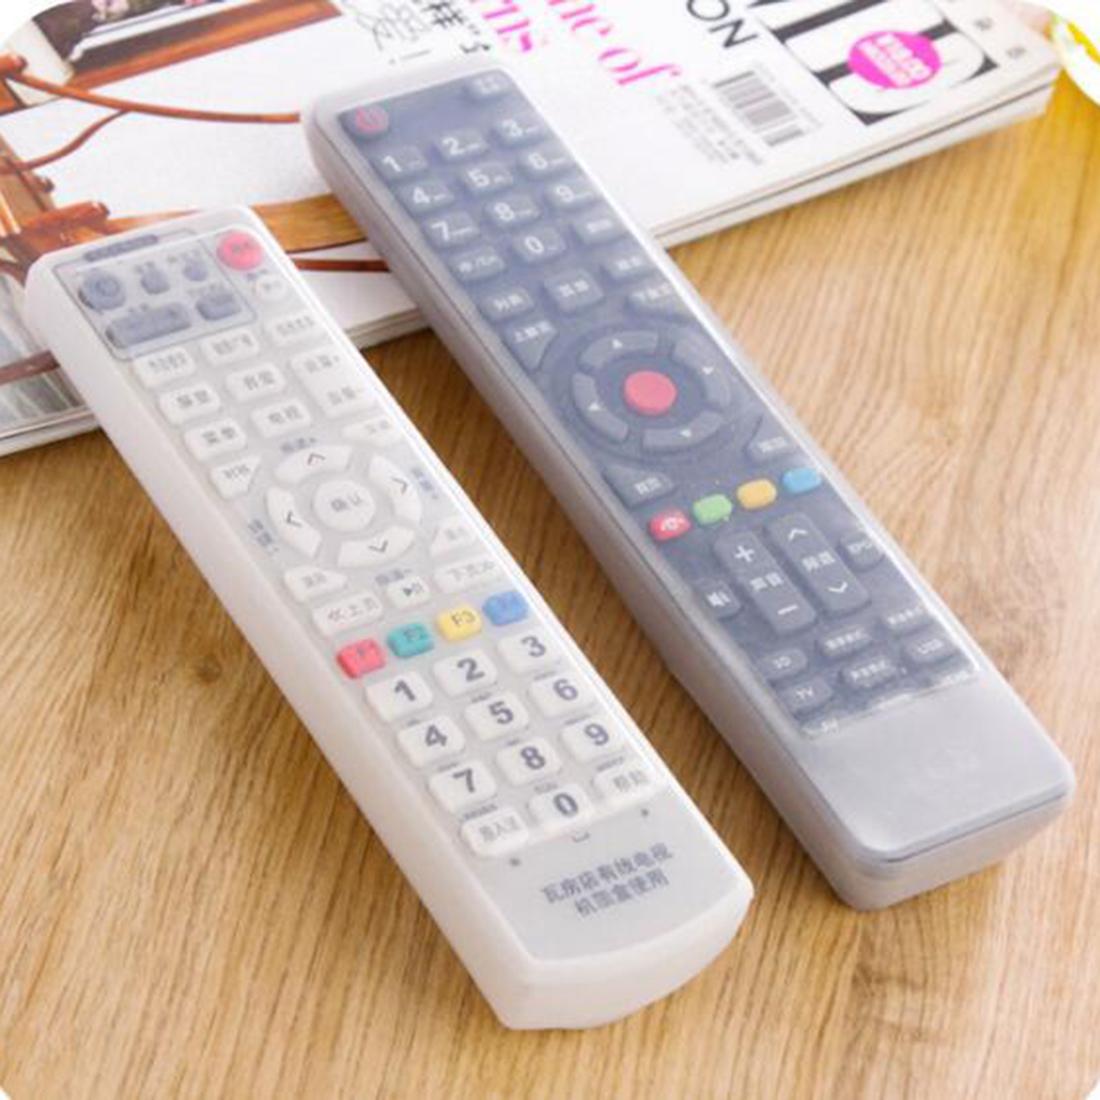 Big Venda Sacos De Armazenamento Organizador Titular Controle Remoto da TV Tampa Protetora Contra Poeira Casa Item Engrenagem Coisas Acessórios Suprimentos(China (Mainland))